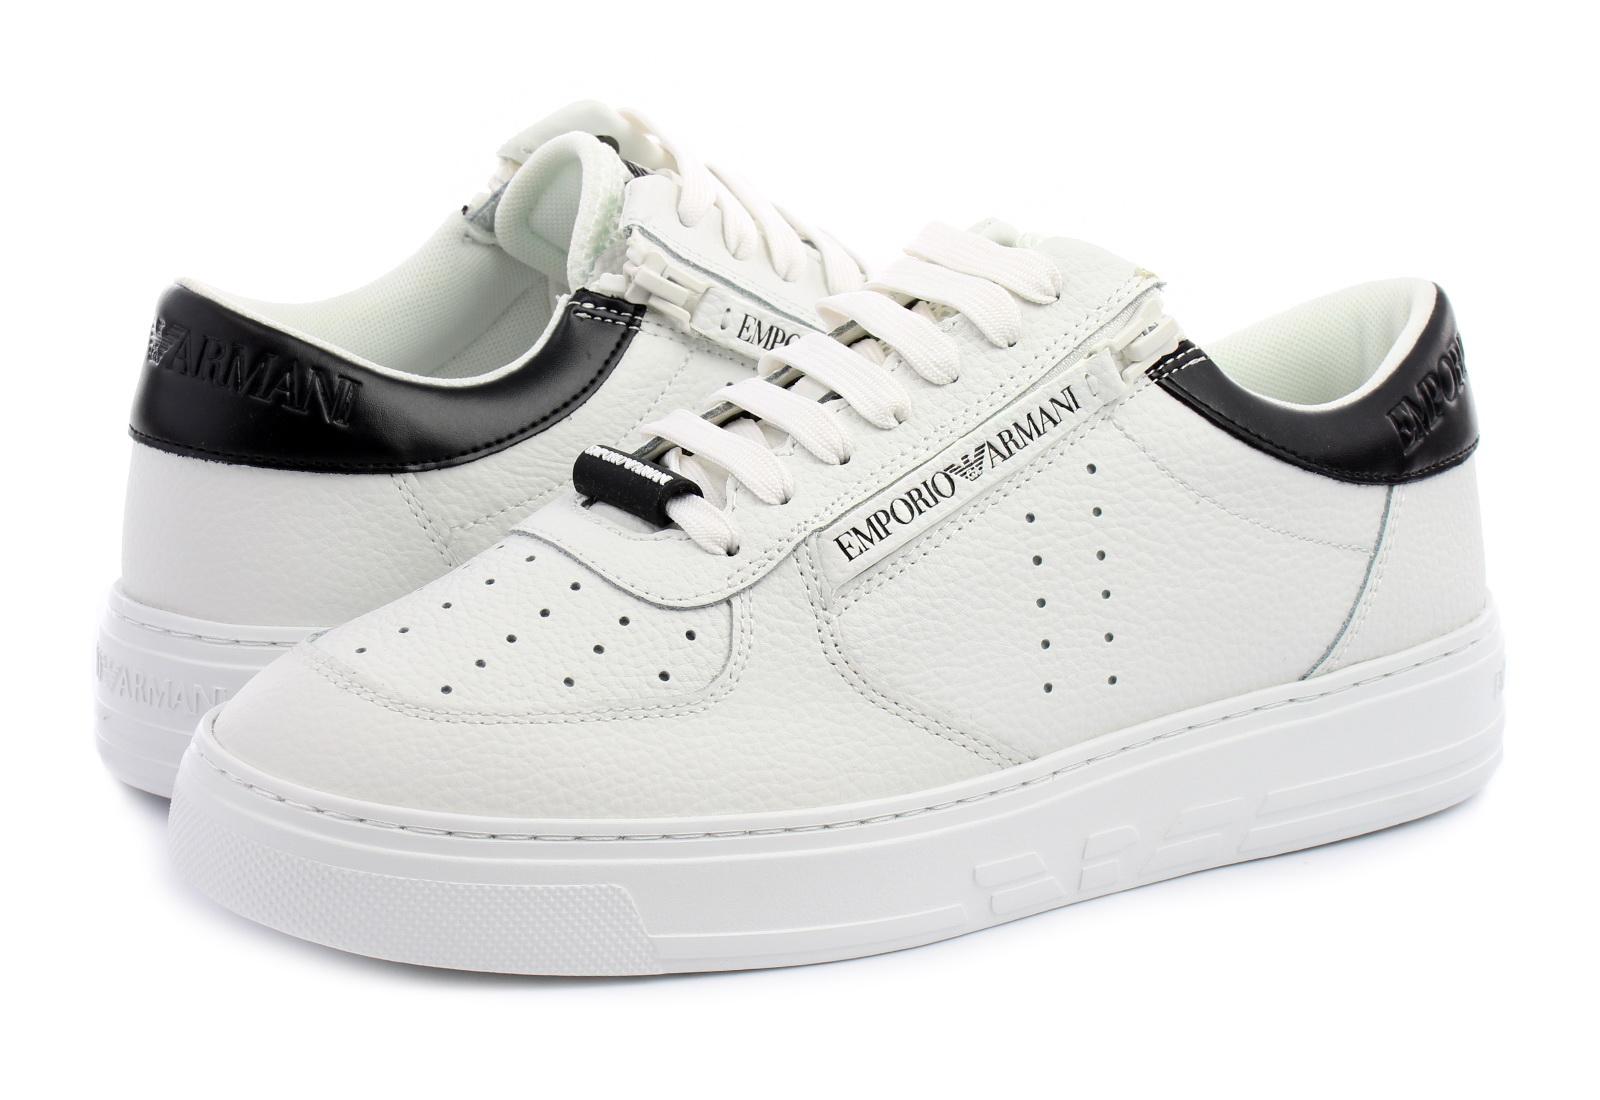 Emporio Armani Pantofi Eaxm226